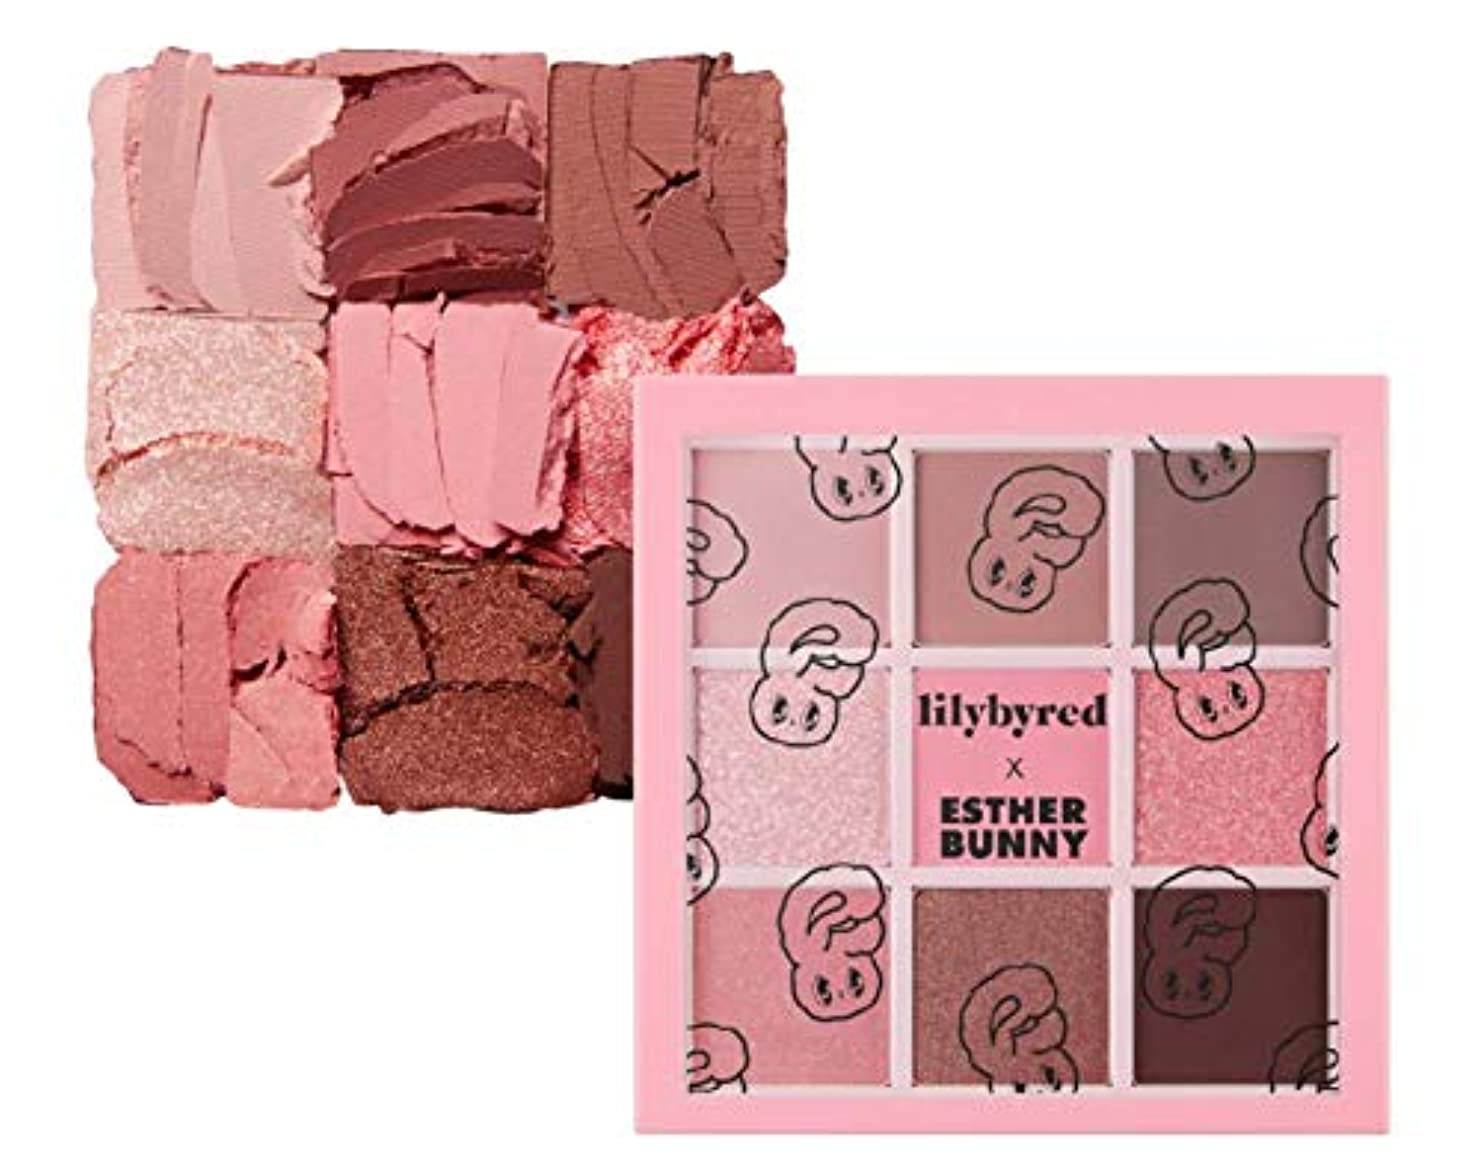 試してみるりんごダイバーLILYBYRED [Esther Bunny Edition] ムードチートキット アイシャドウ パレット Mood Cheat Kit Eyeshadow Palette 02 Pink Sweets [並行輸入品]